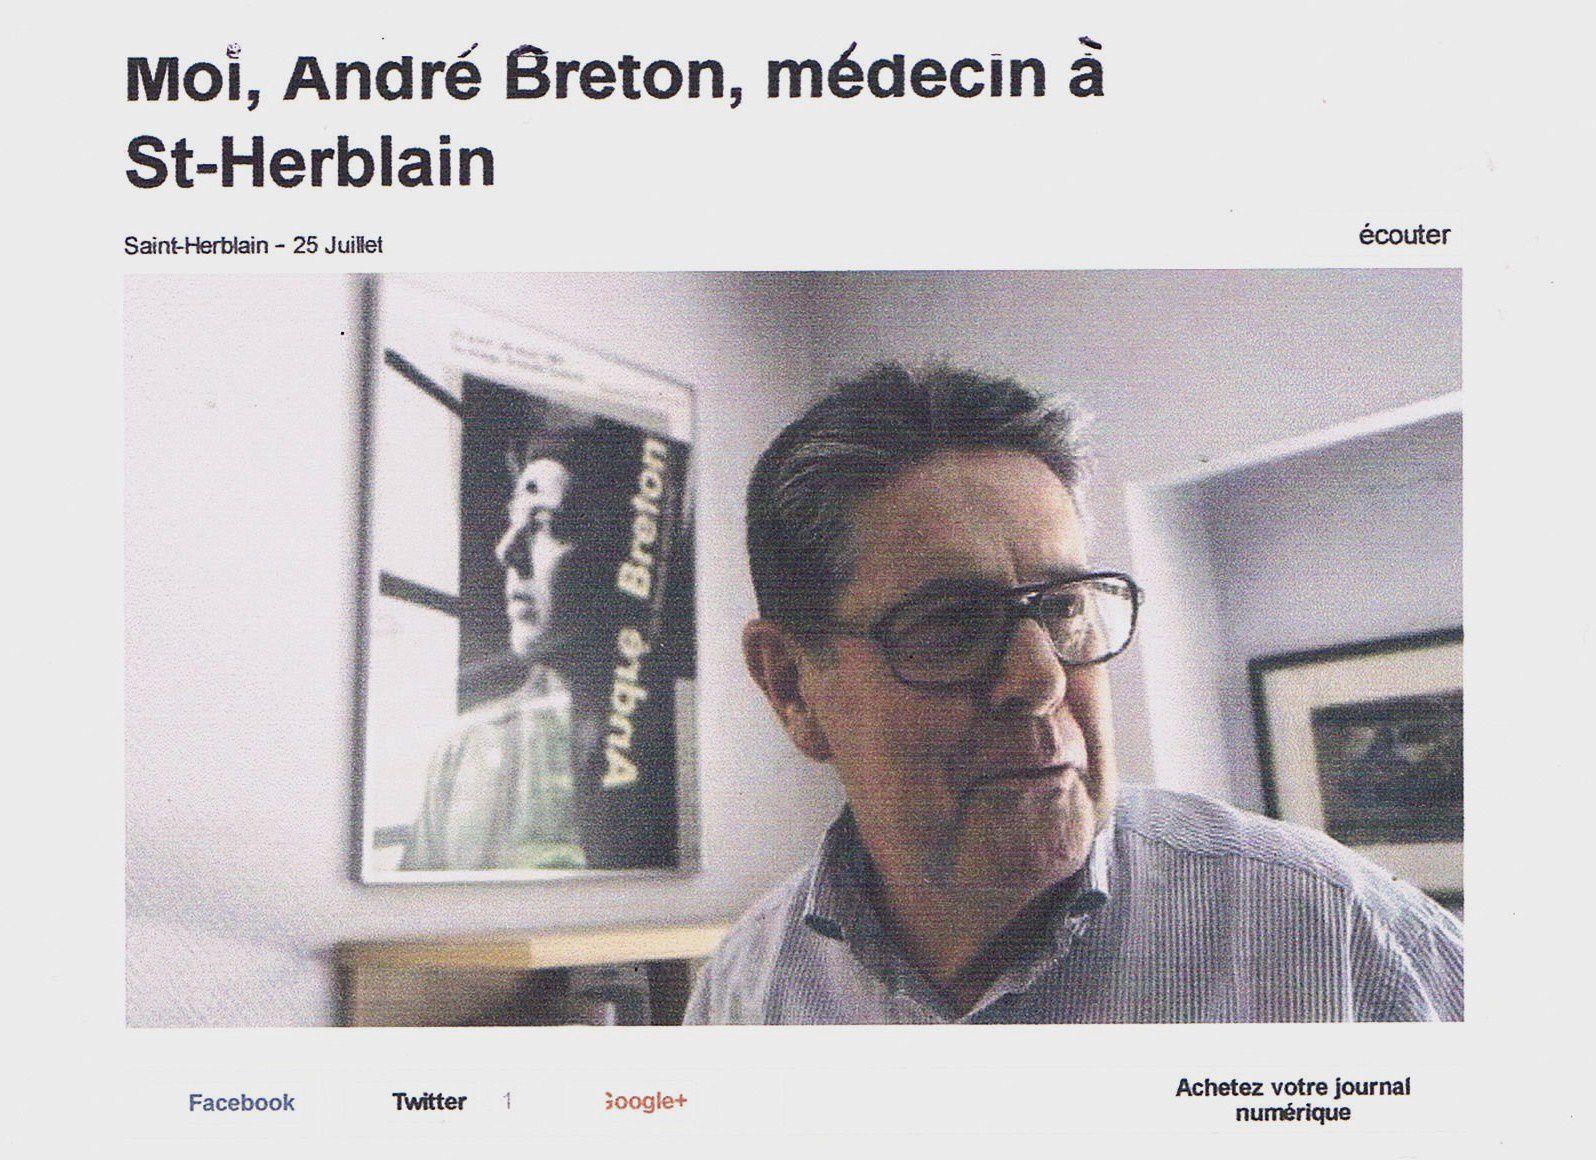 1- o-f. scan / 2- musee-lam.fr / 3- o-f. scan / 4- editions-harmattan.fr